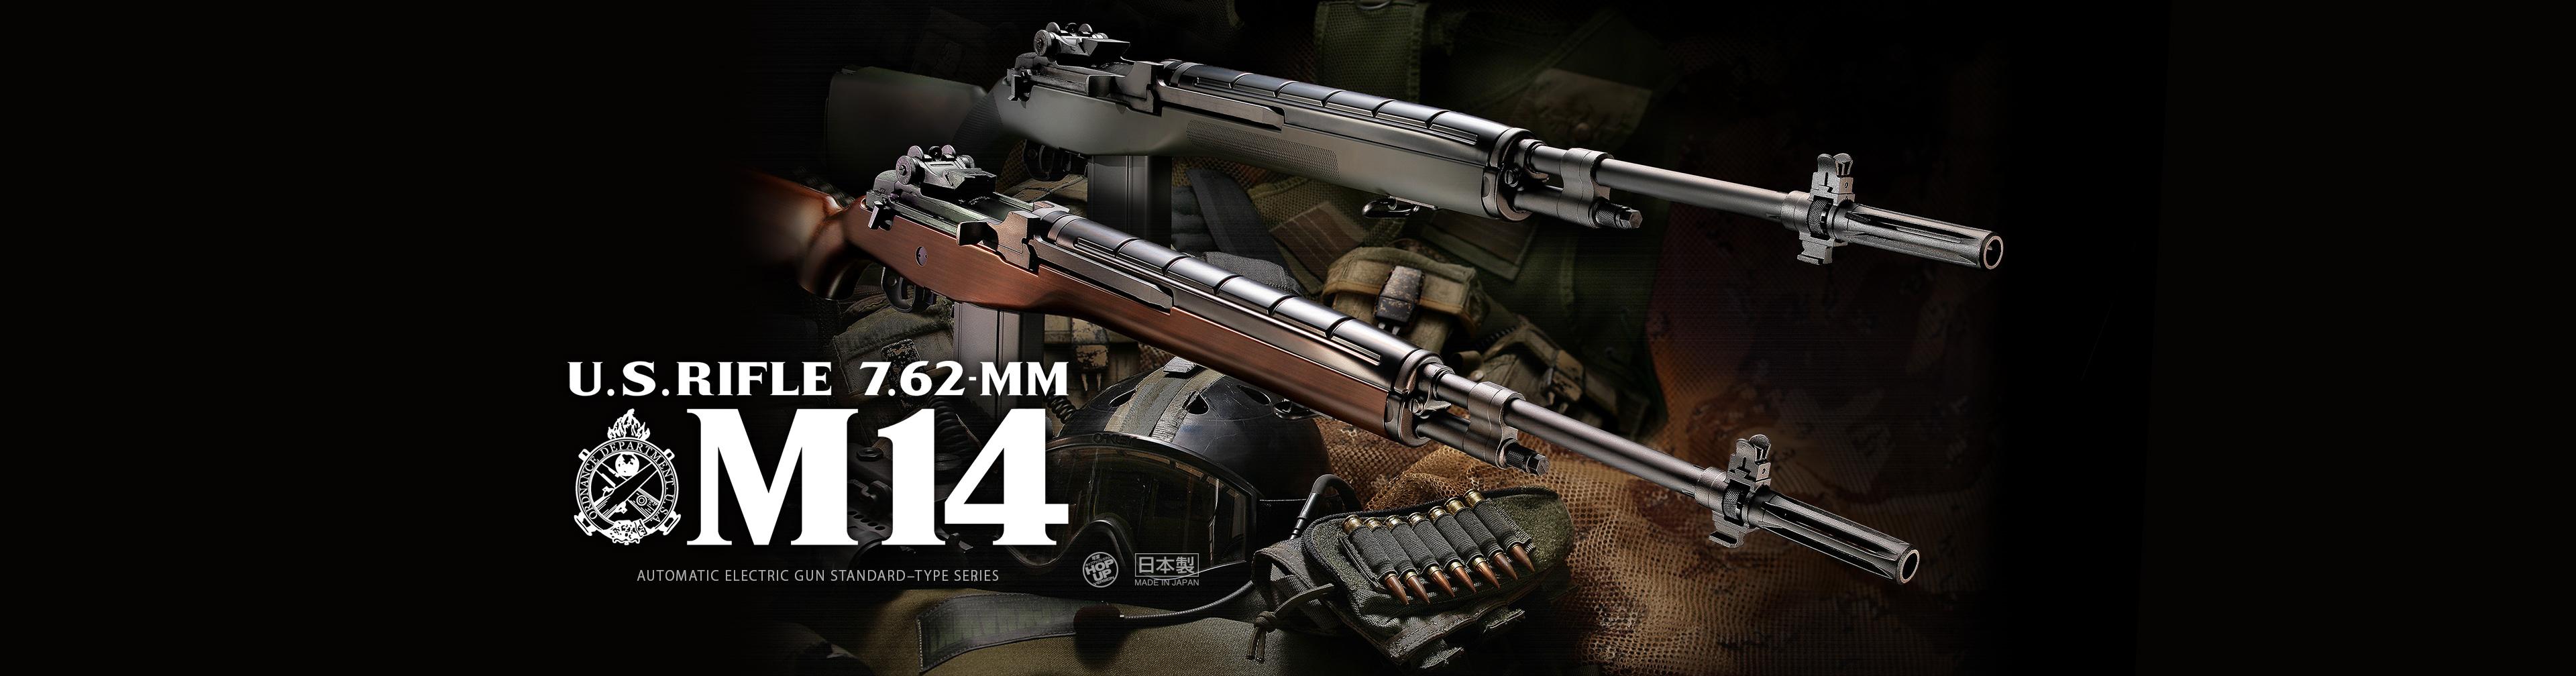 U.S.ライフル M14 ウッドタイプストックver.